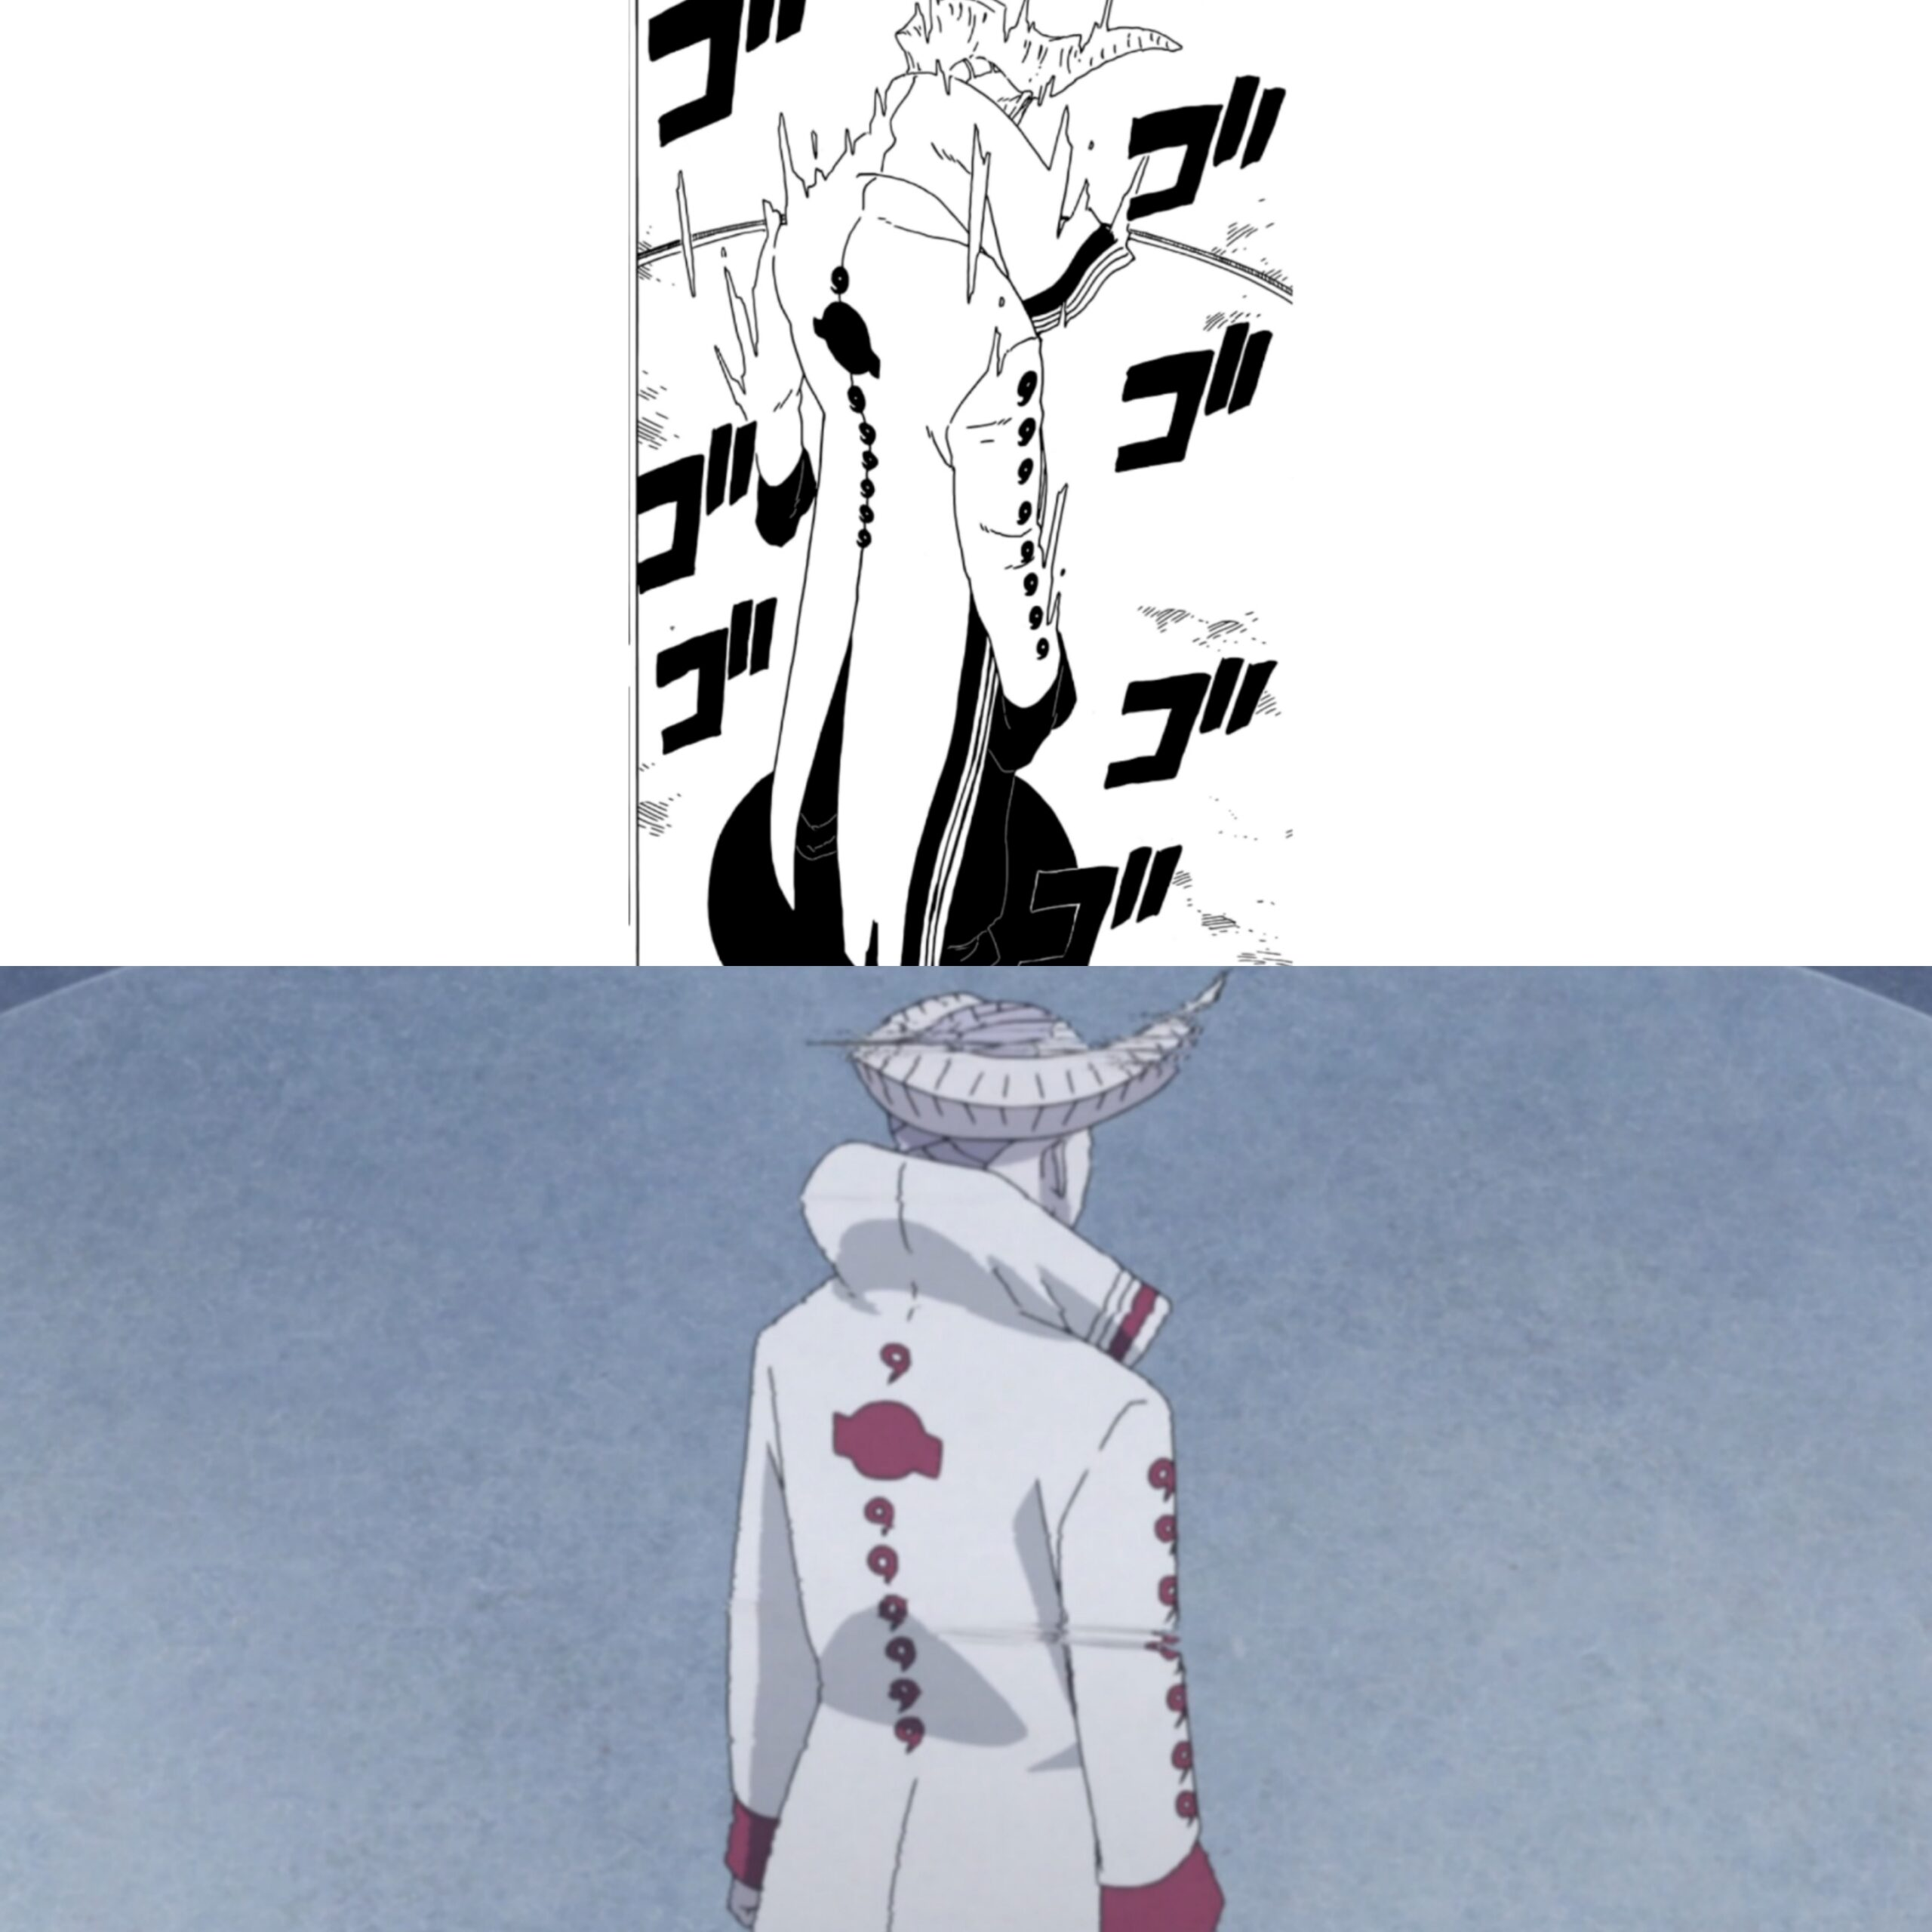 Isshiki - comparação do capítulo 35 com o episódio 202